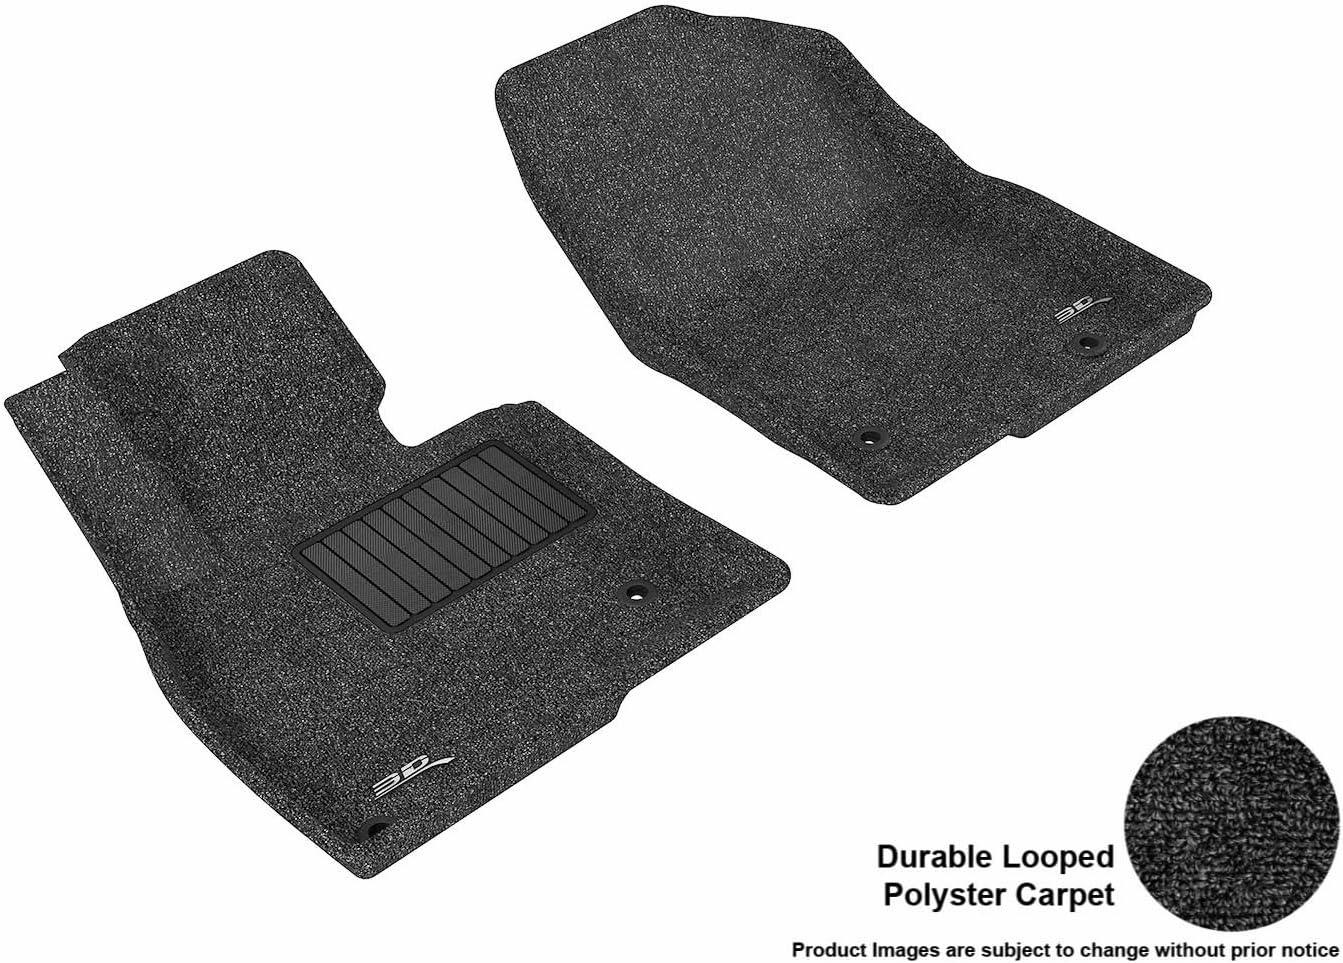 Black L1MZ04012209 Classic Carpet 3D MAXpider Front Row Custom Fit Floor Mat for Select Mazda6 Models